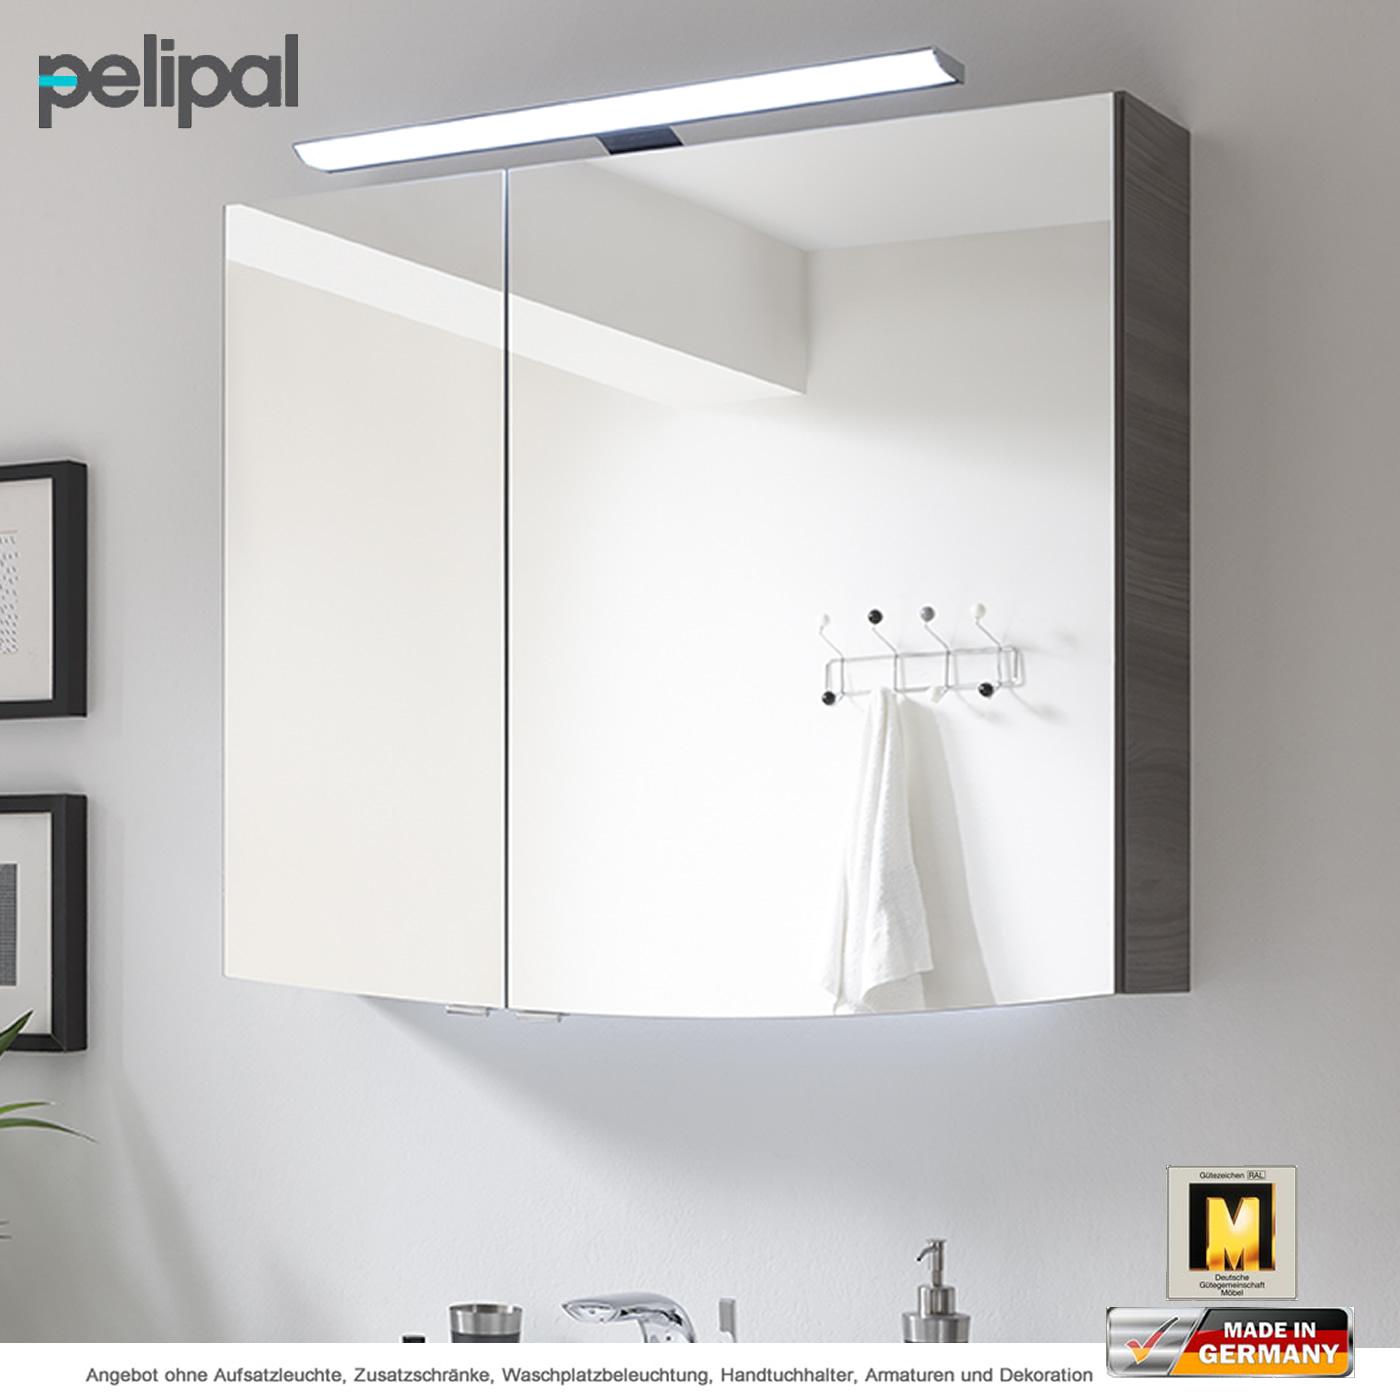 Pelipal Solitaire 9020 Spiegelschrank 85 cm | Impulsbad